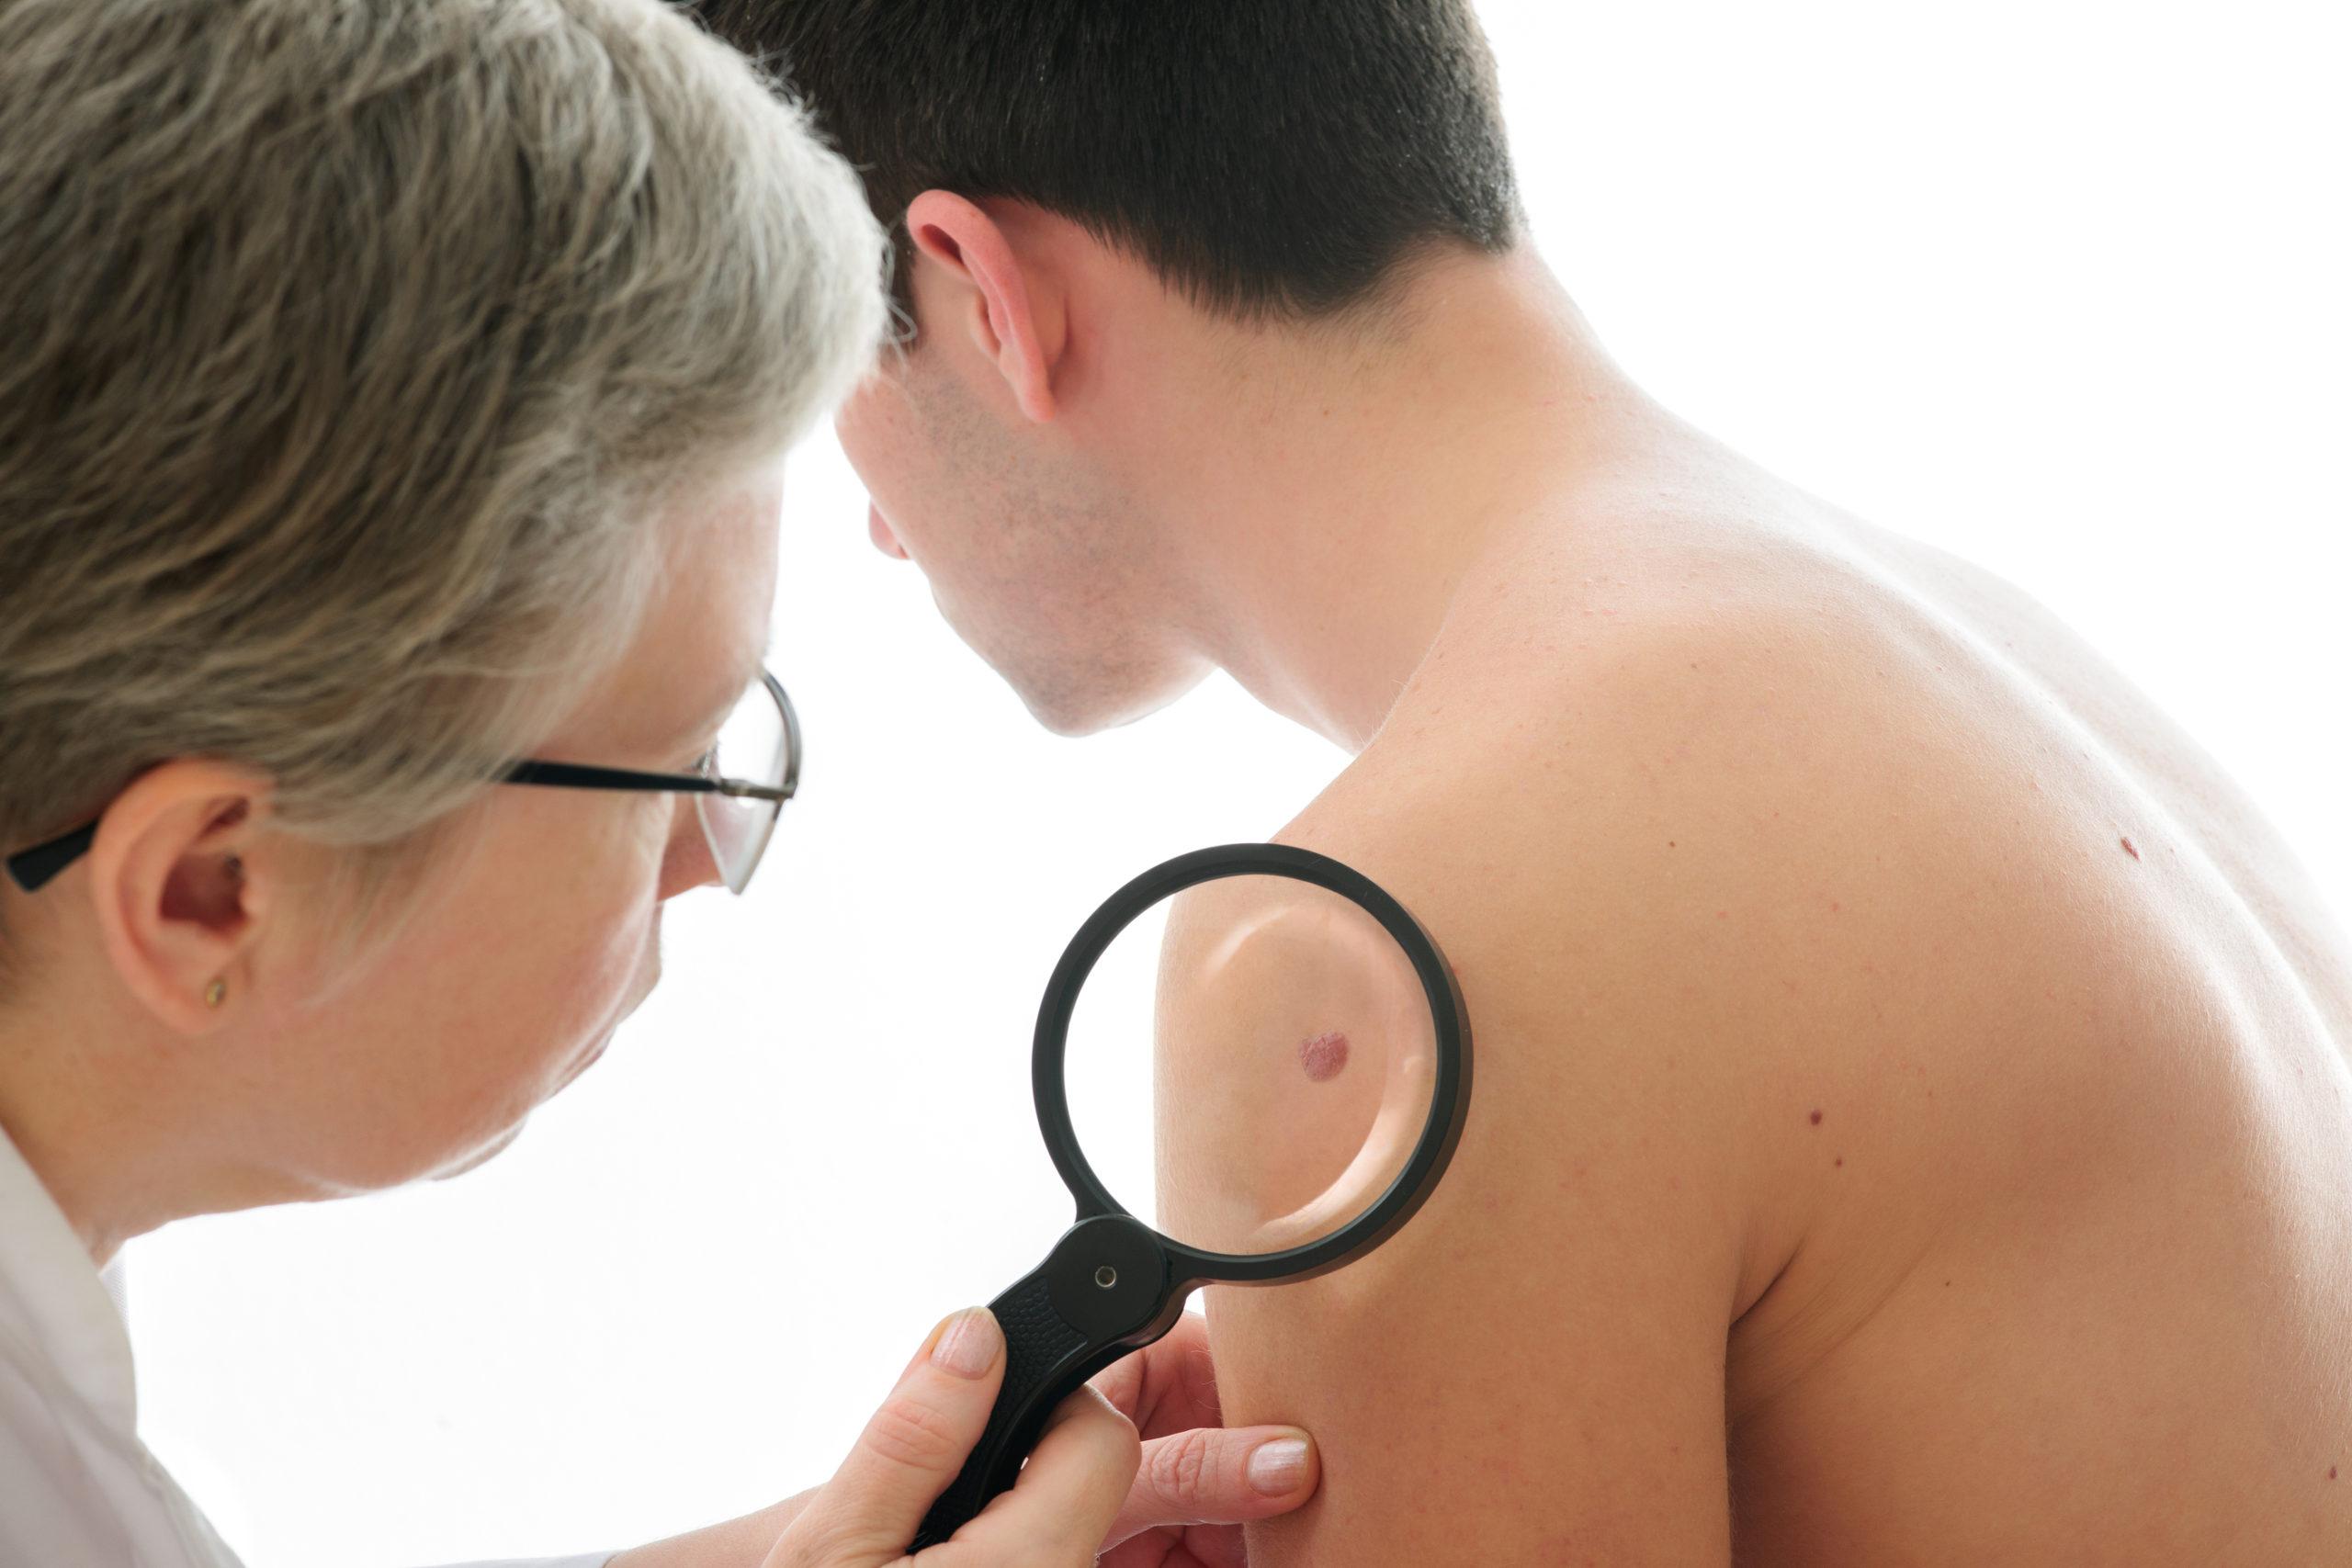 melanoma maligno benigno dermatologo